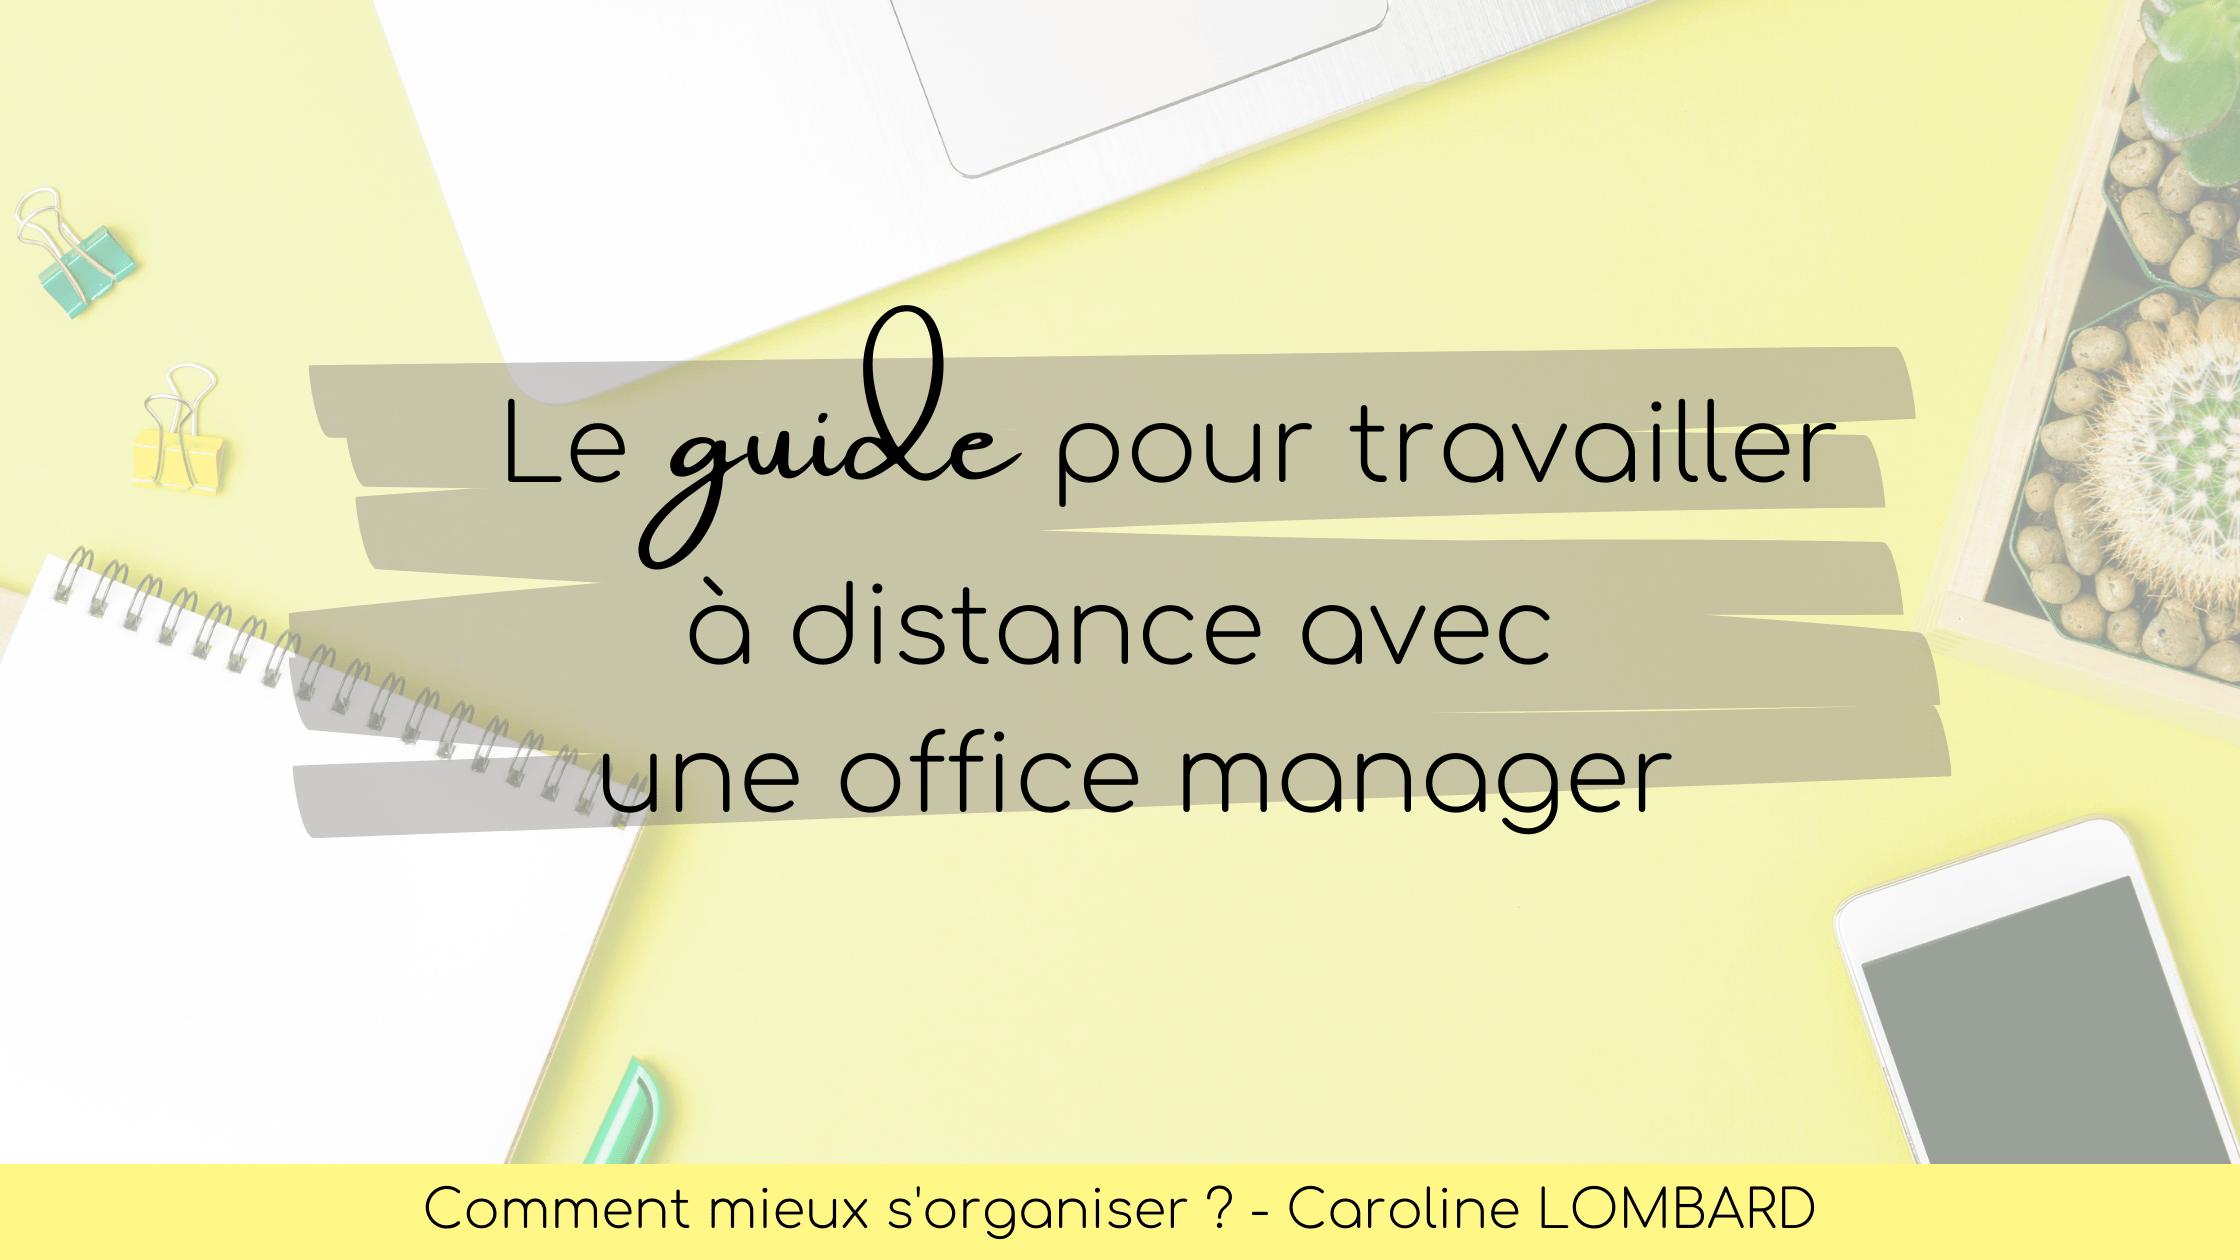 le-guide-pour-travailler-a-distance-avec-une-office-manager